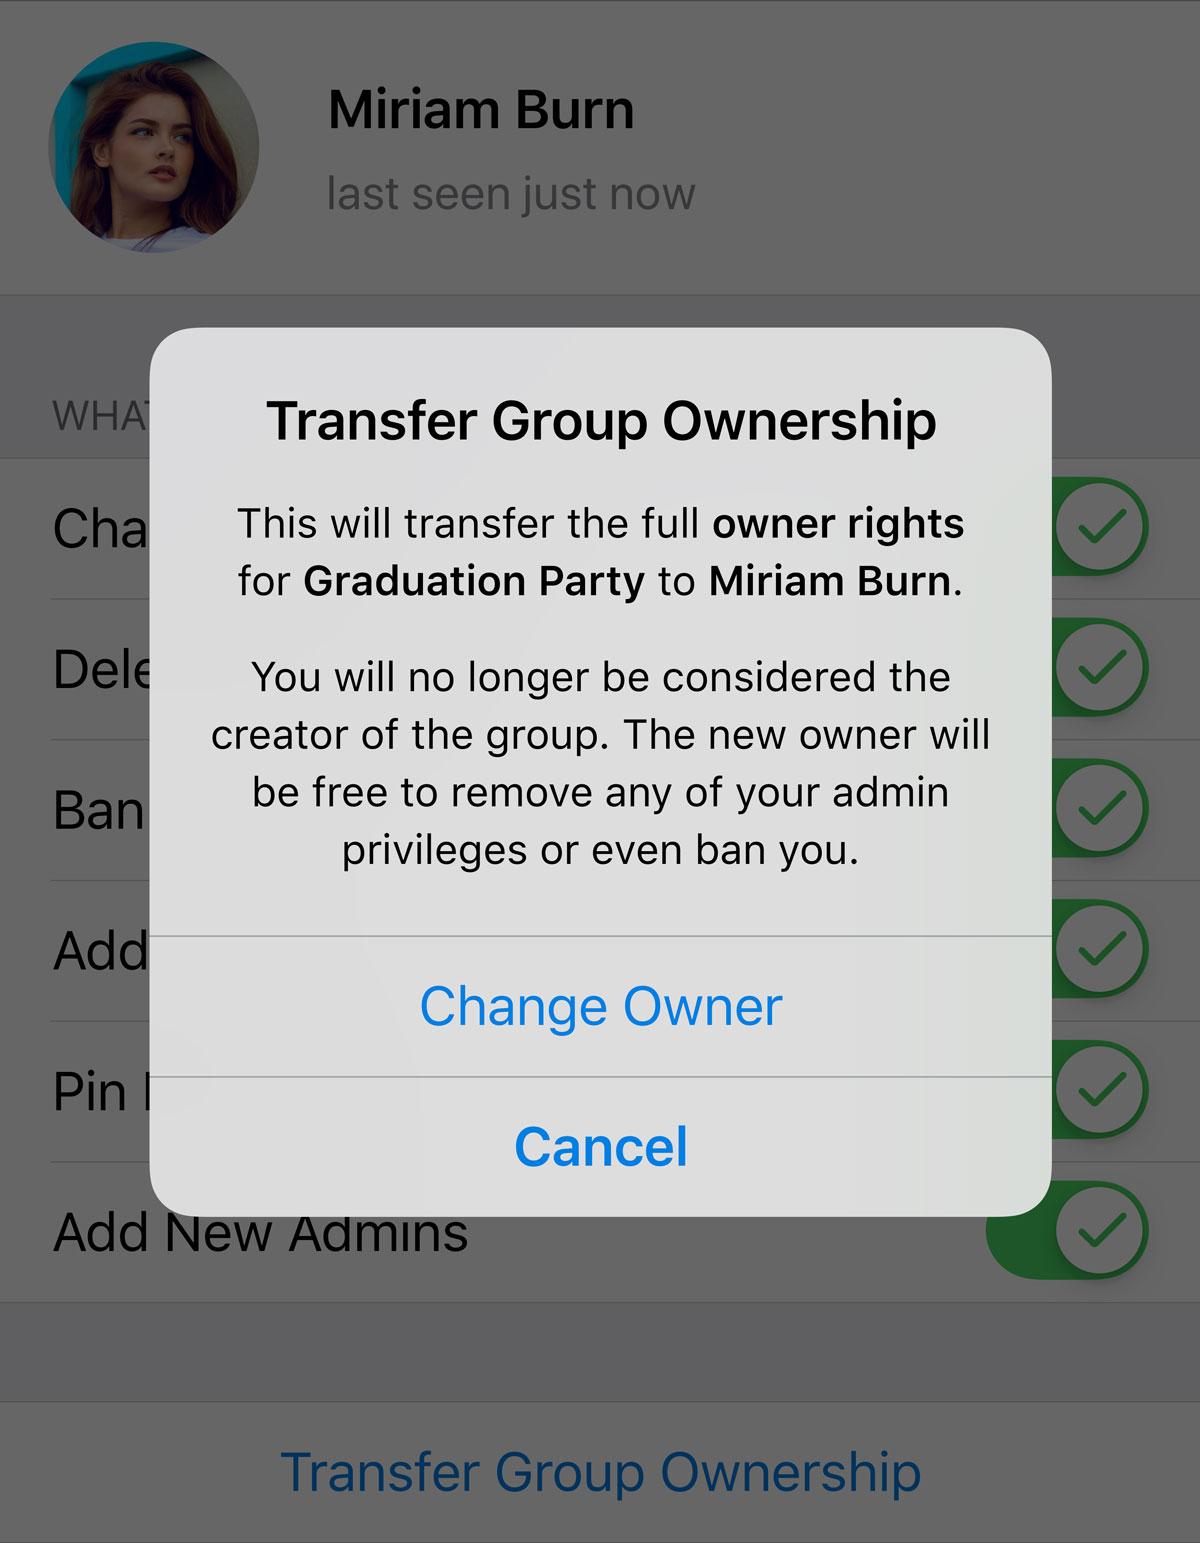 Transfer owener ship of Telegram group